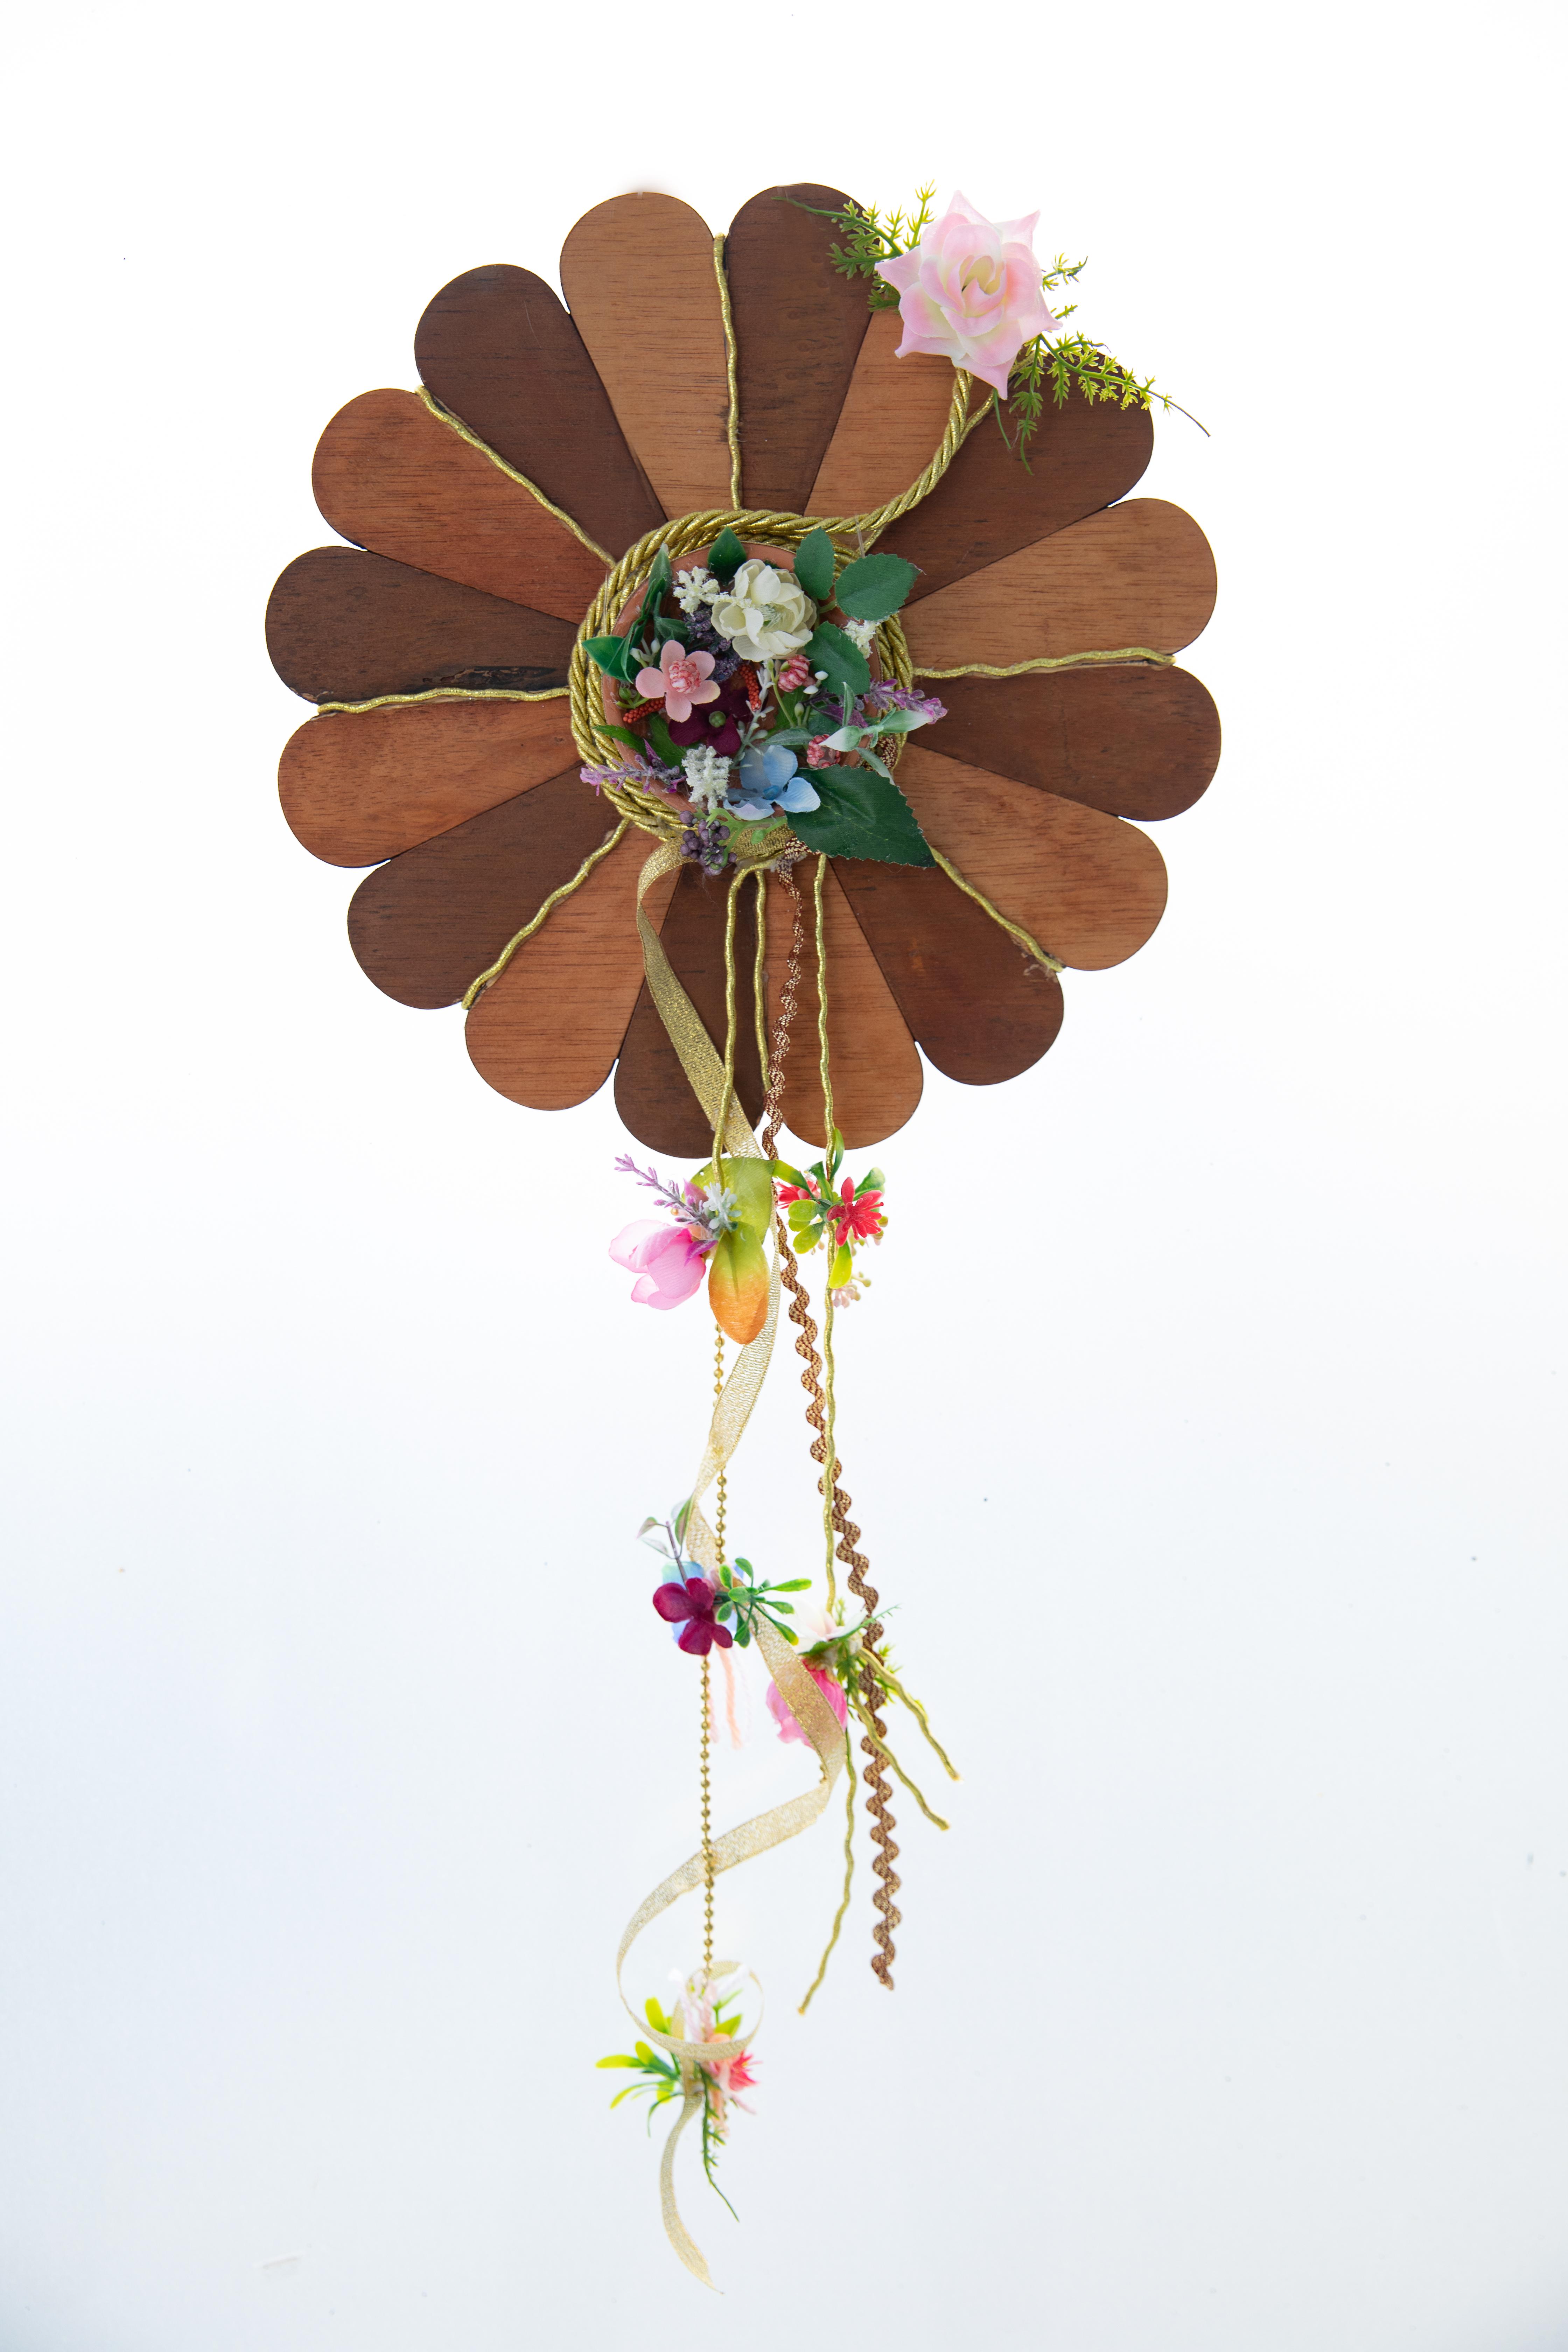 'Aphrodite's flower'